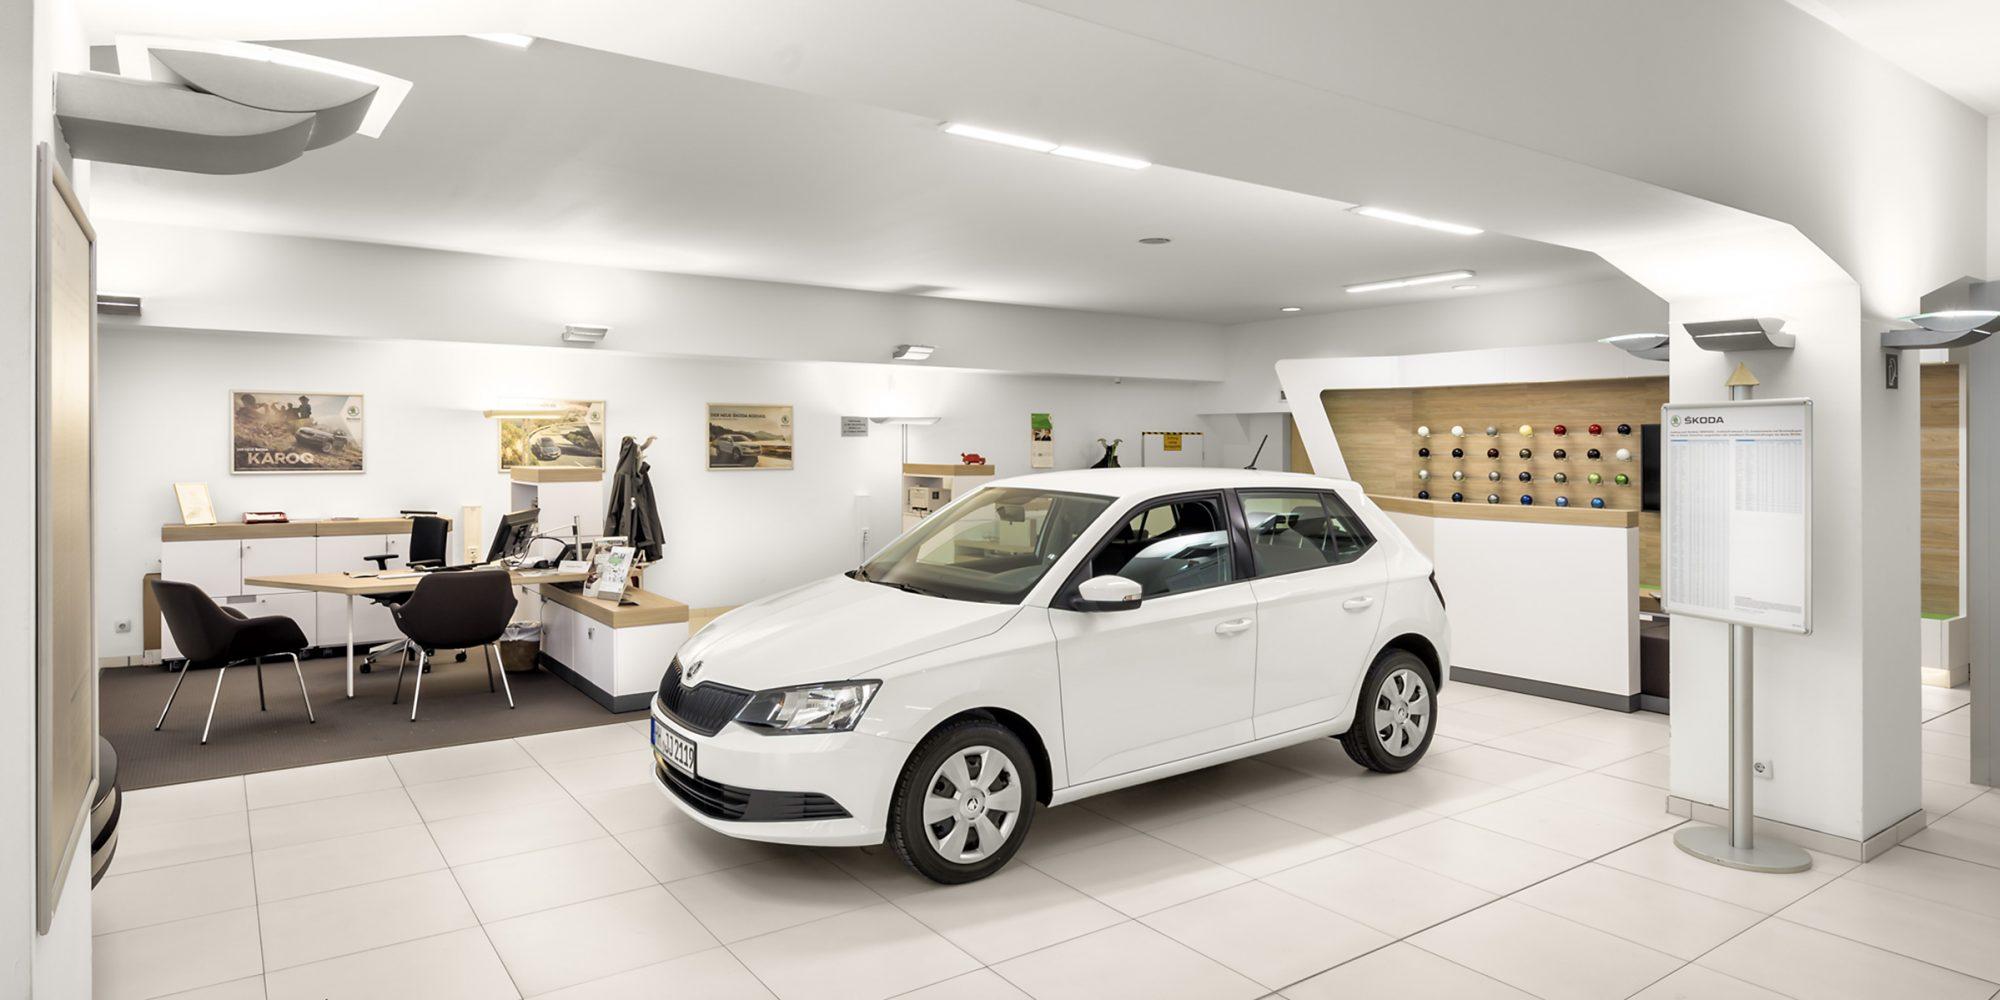 Dieses Werbefoto zeigt den Showroom eines Hamburger Autohauses.